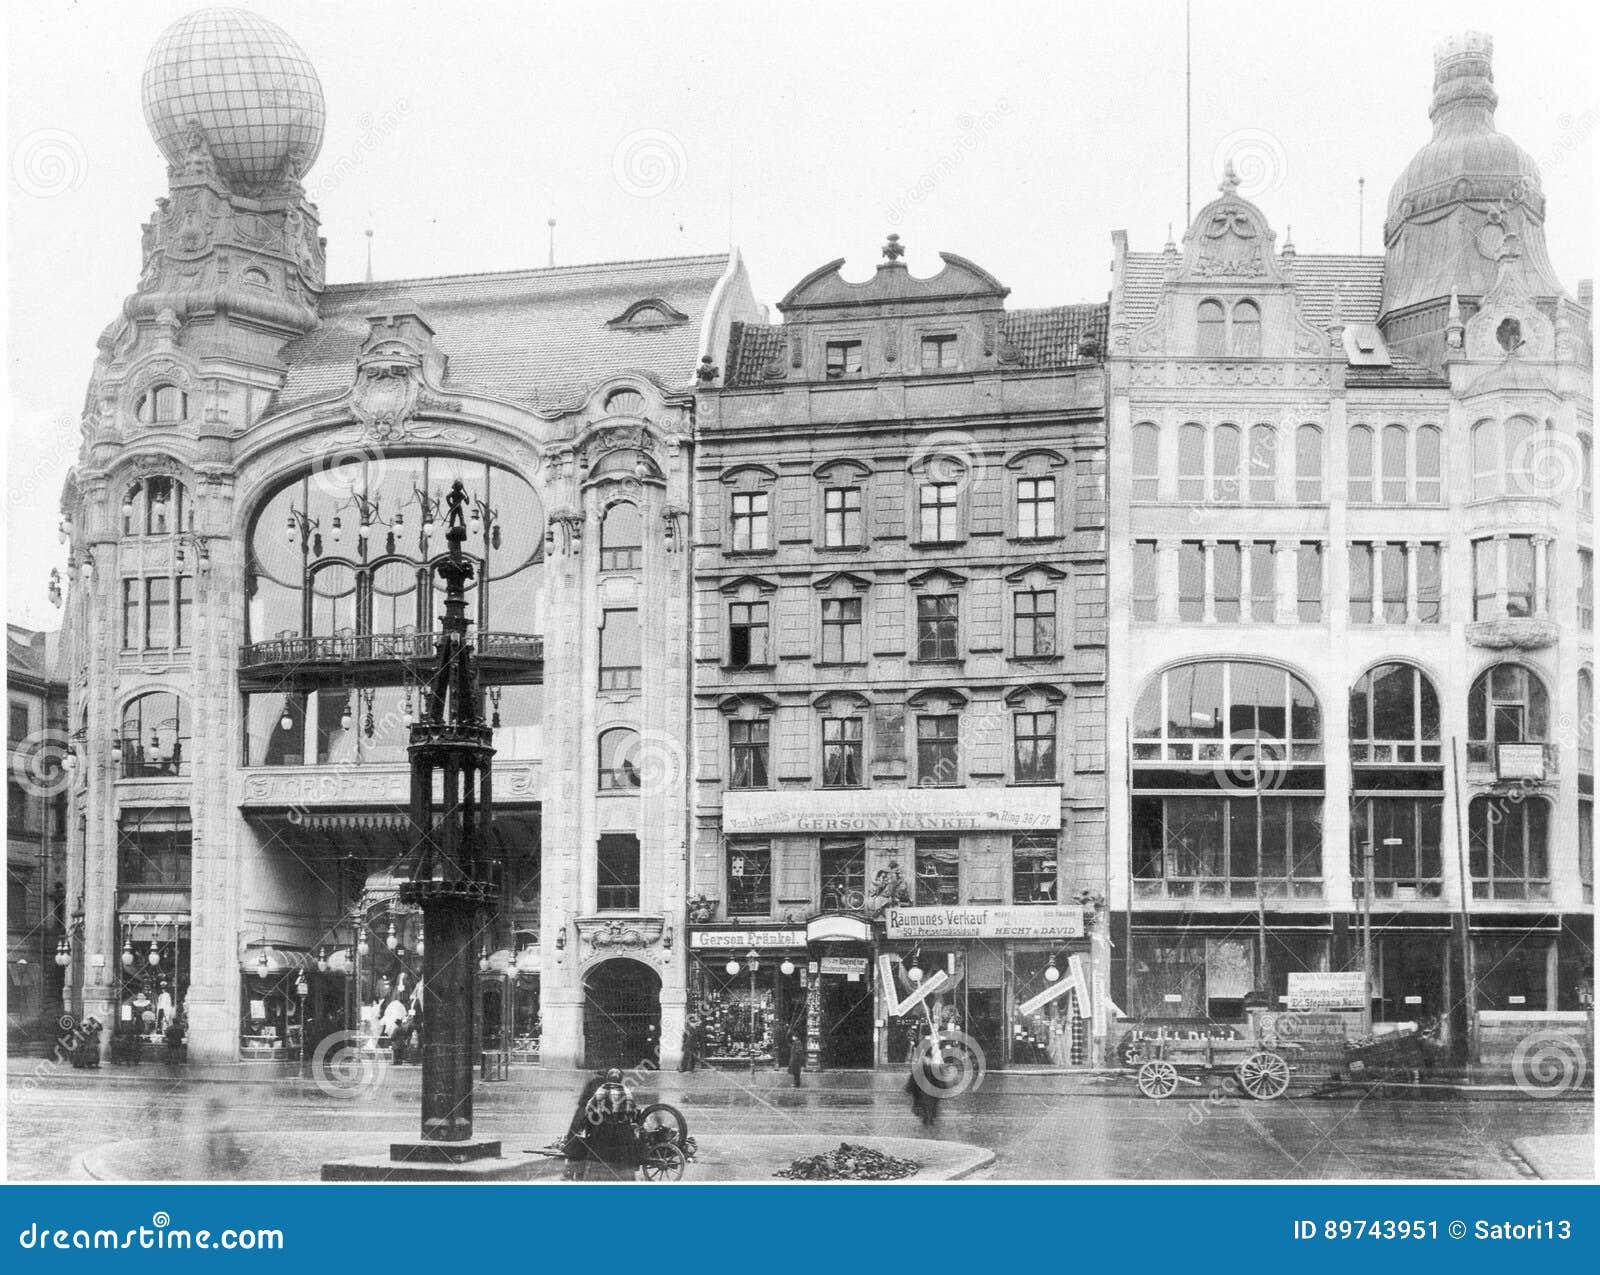 https://thumbs.dreamstime.com/z/fachadas-de-viviendas-hist%C3%B3ricas-viejas-en-la-plaza-del-mercado-de-rynek-en-wroclaw-breslau-polonia-89743951.jpg